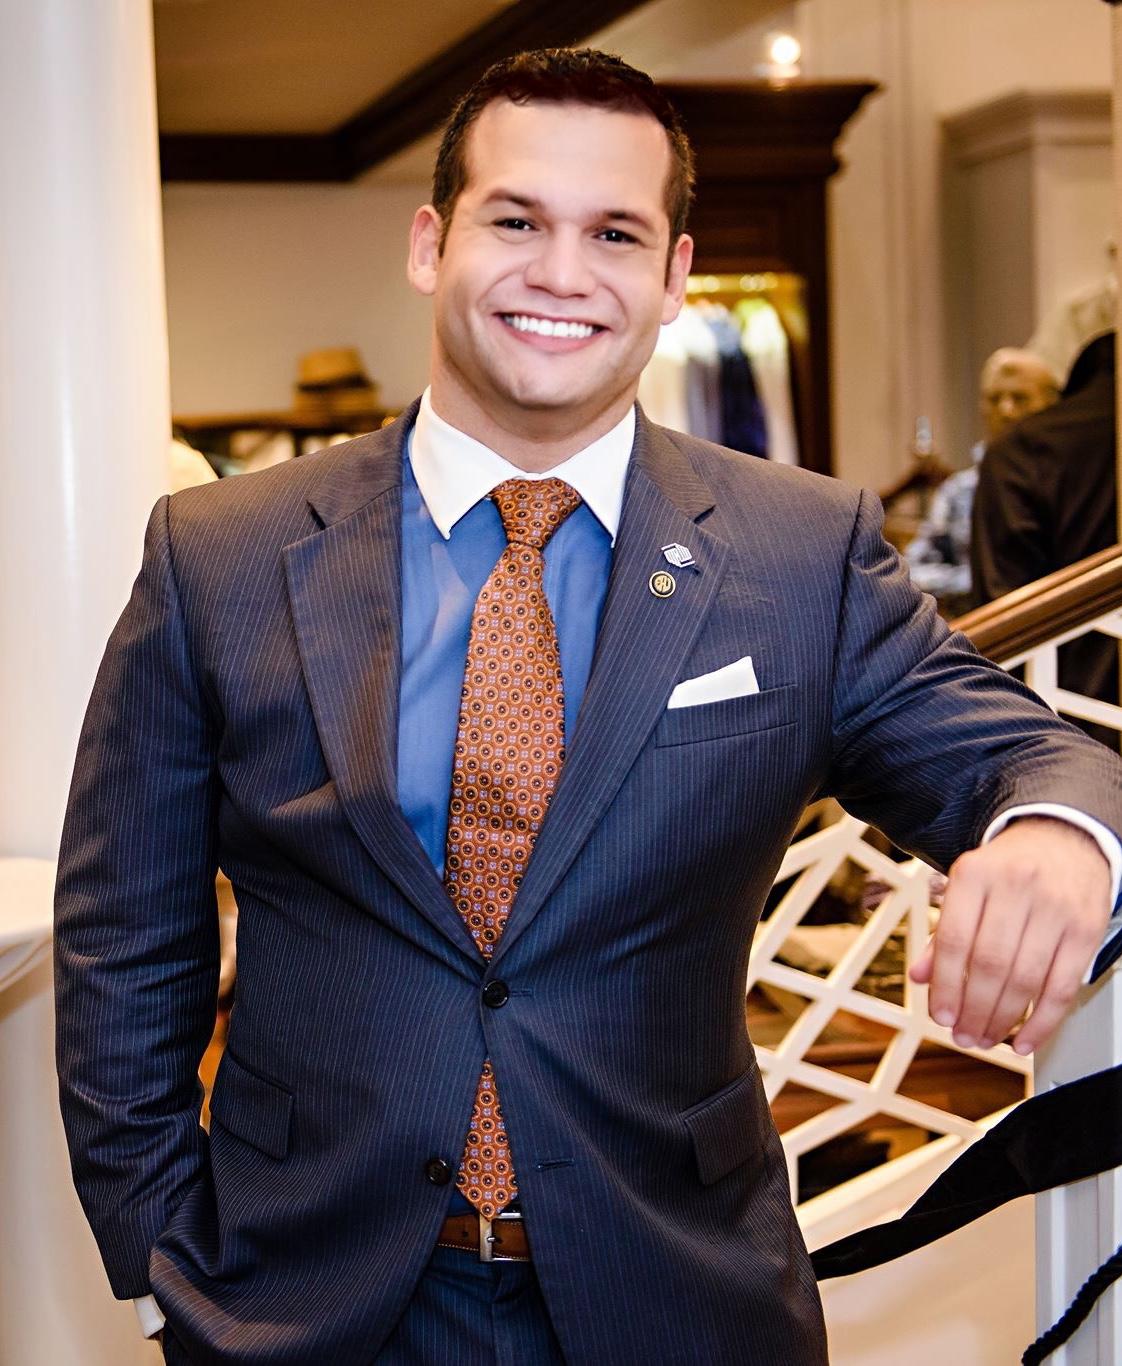 Erik Arroyo